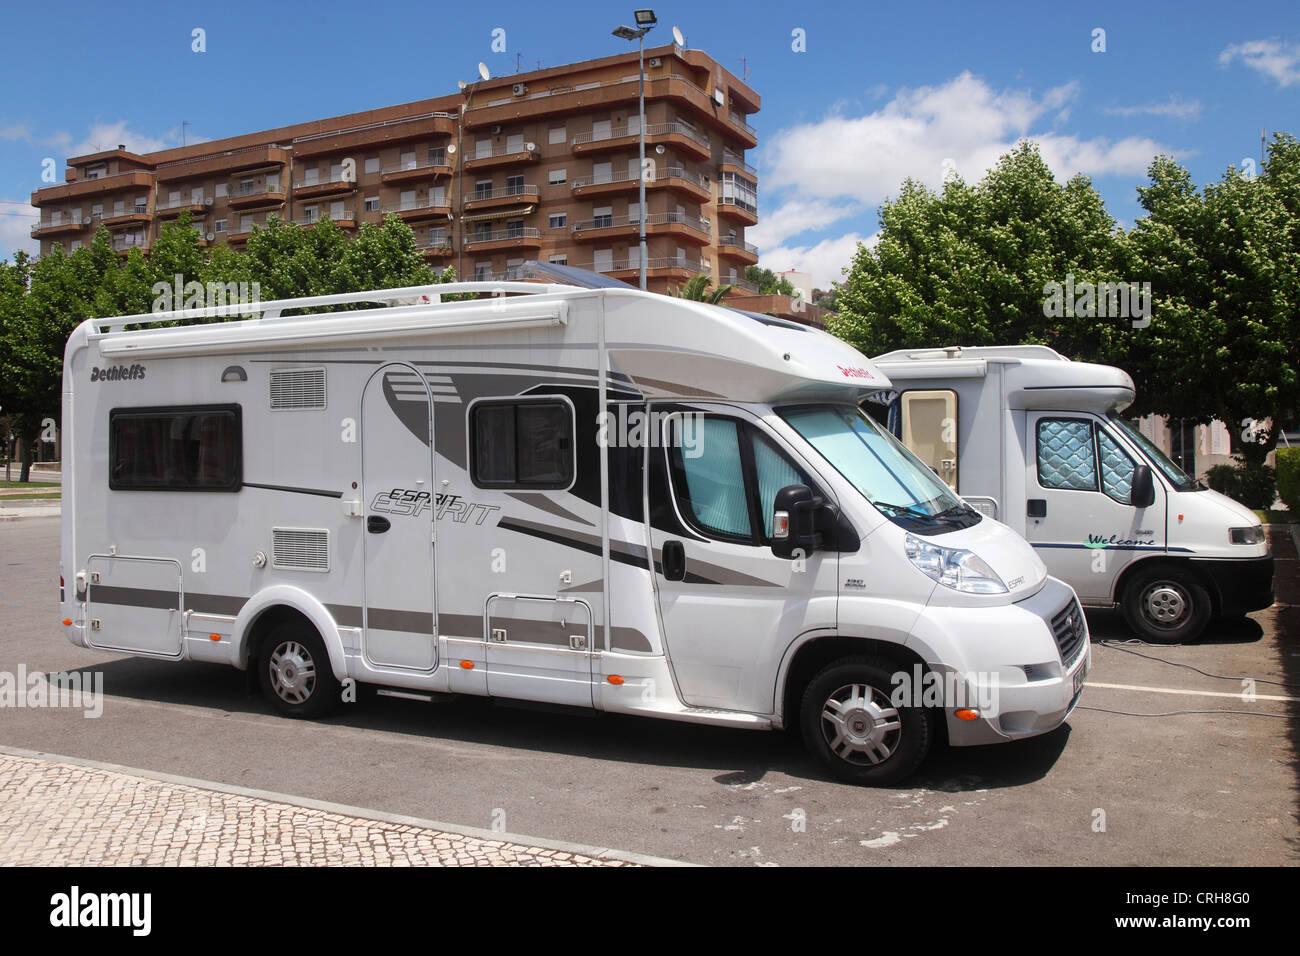 camper vans stock photos camper vans stock images alamy. Black Bedroom Furniture Sets. Home Design Ideas